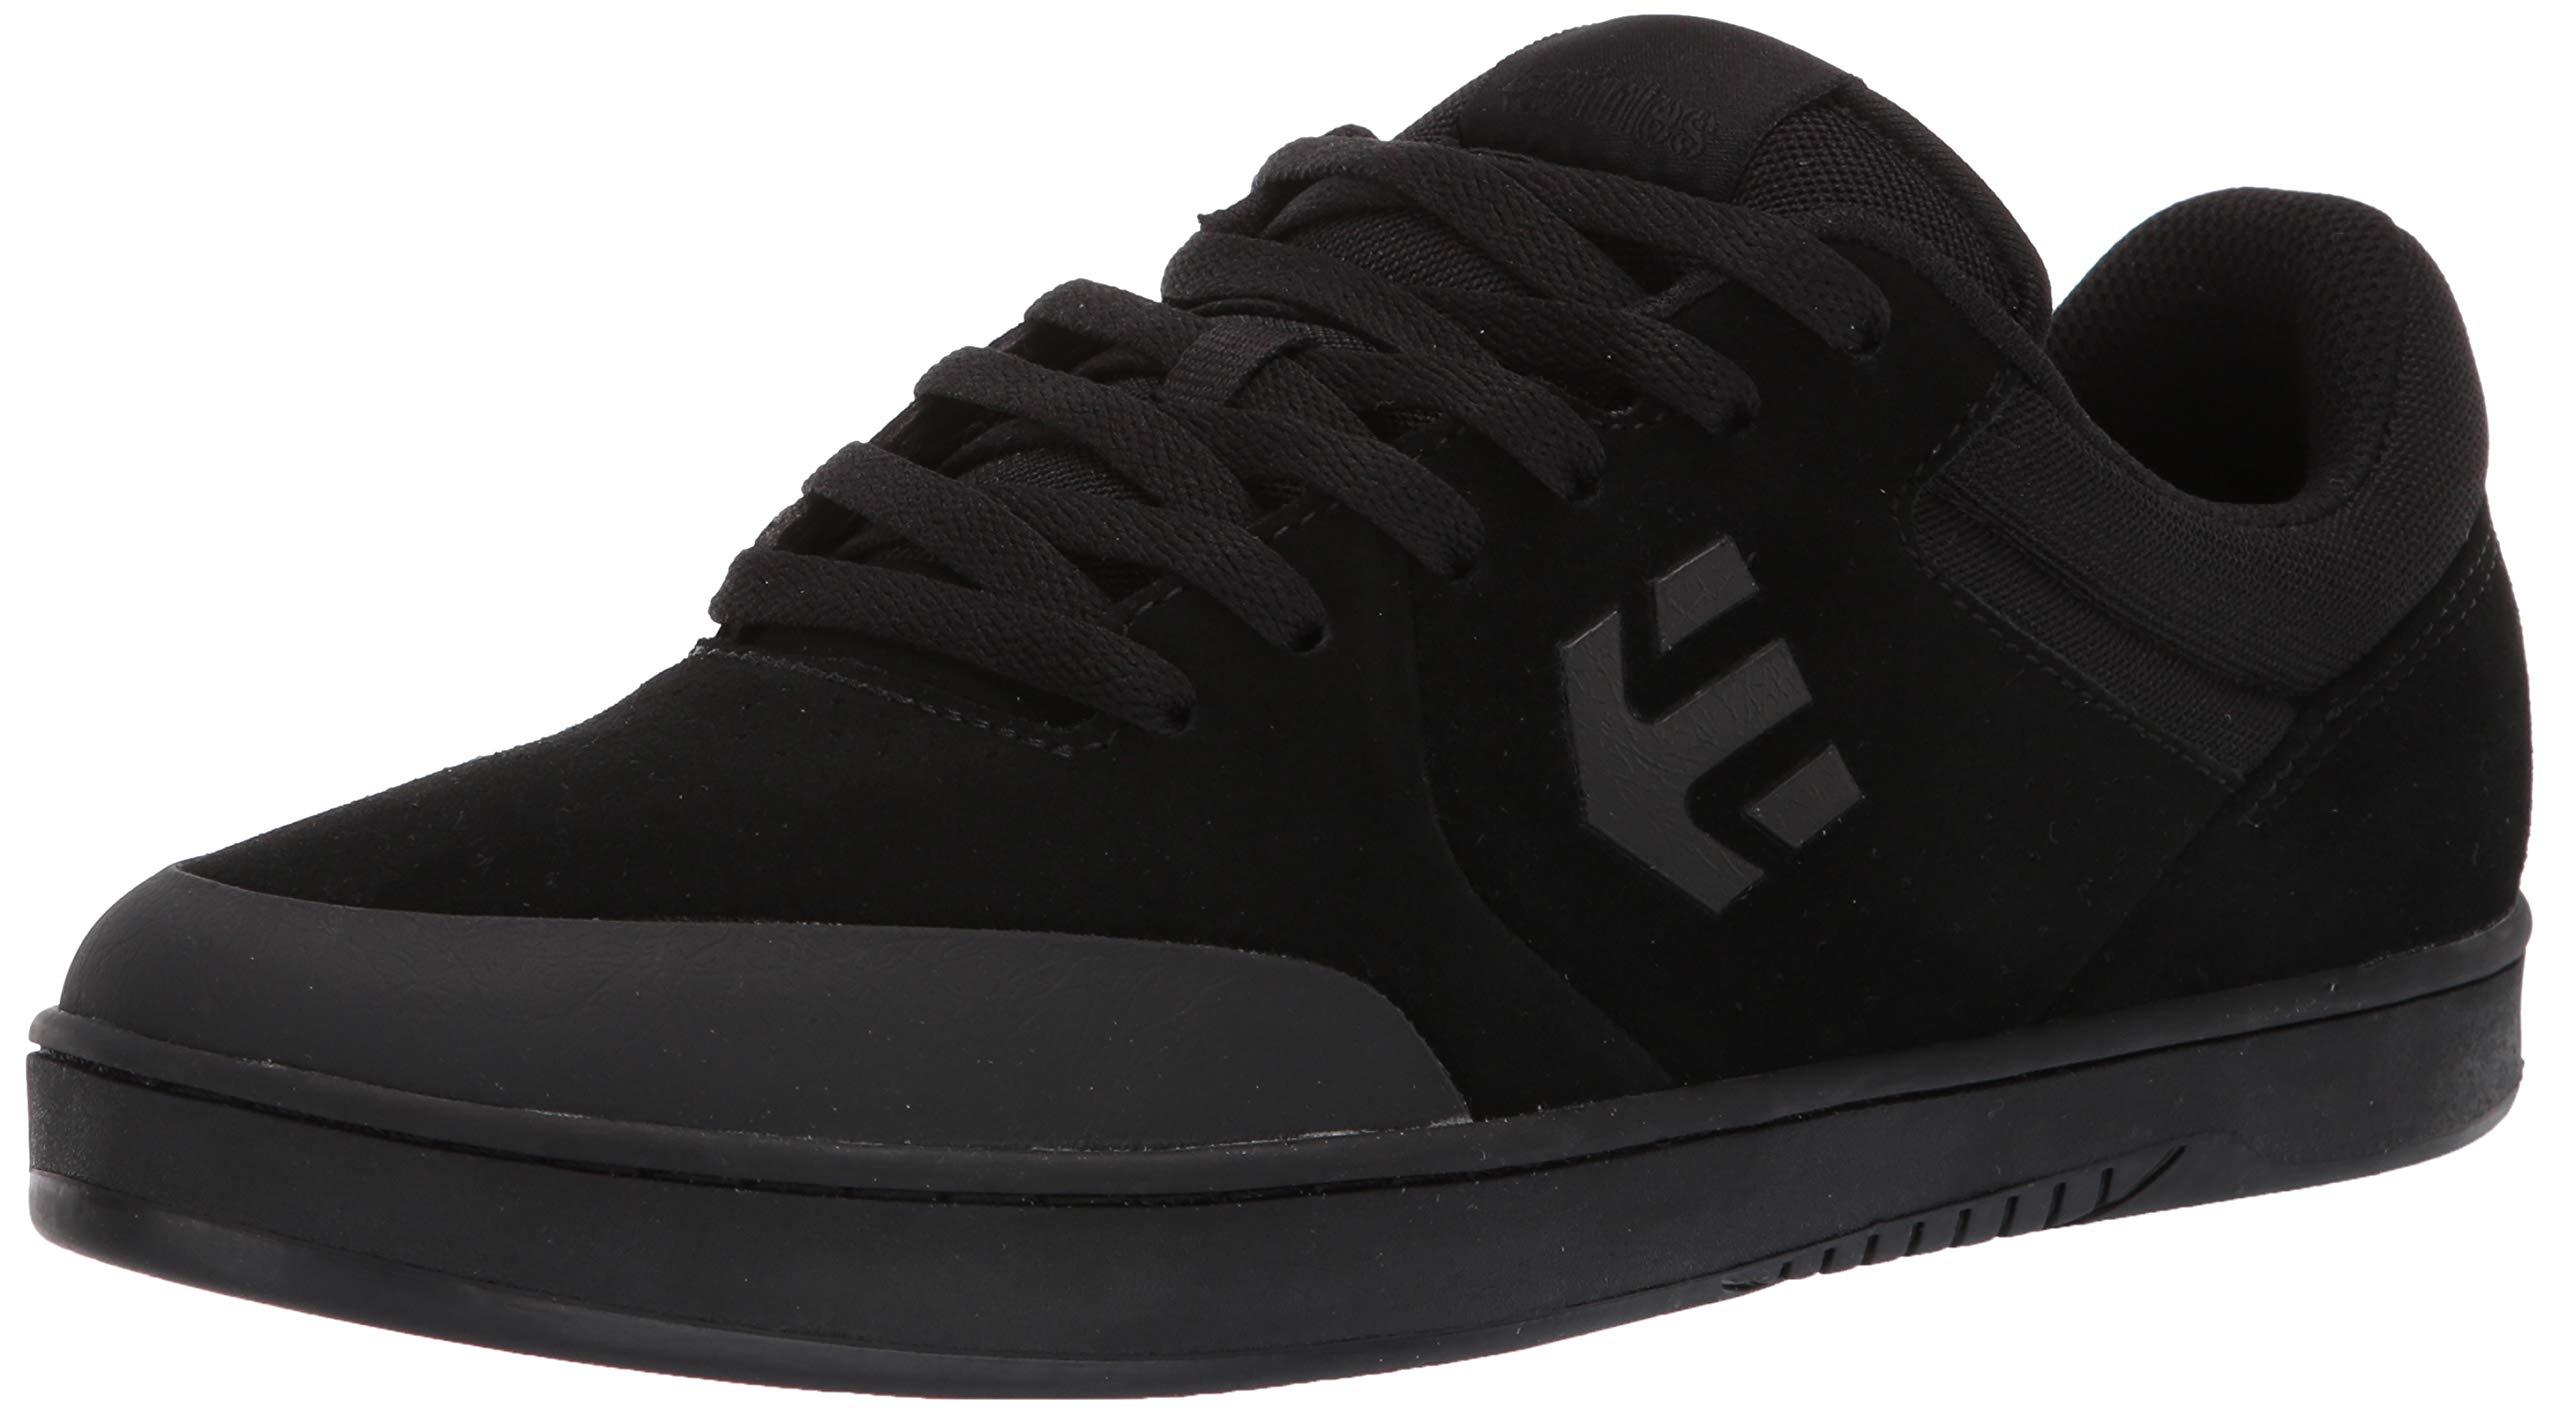 Etnies Men's Marana Skate Shoe, Black, 12 Medium US